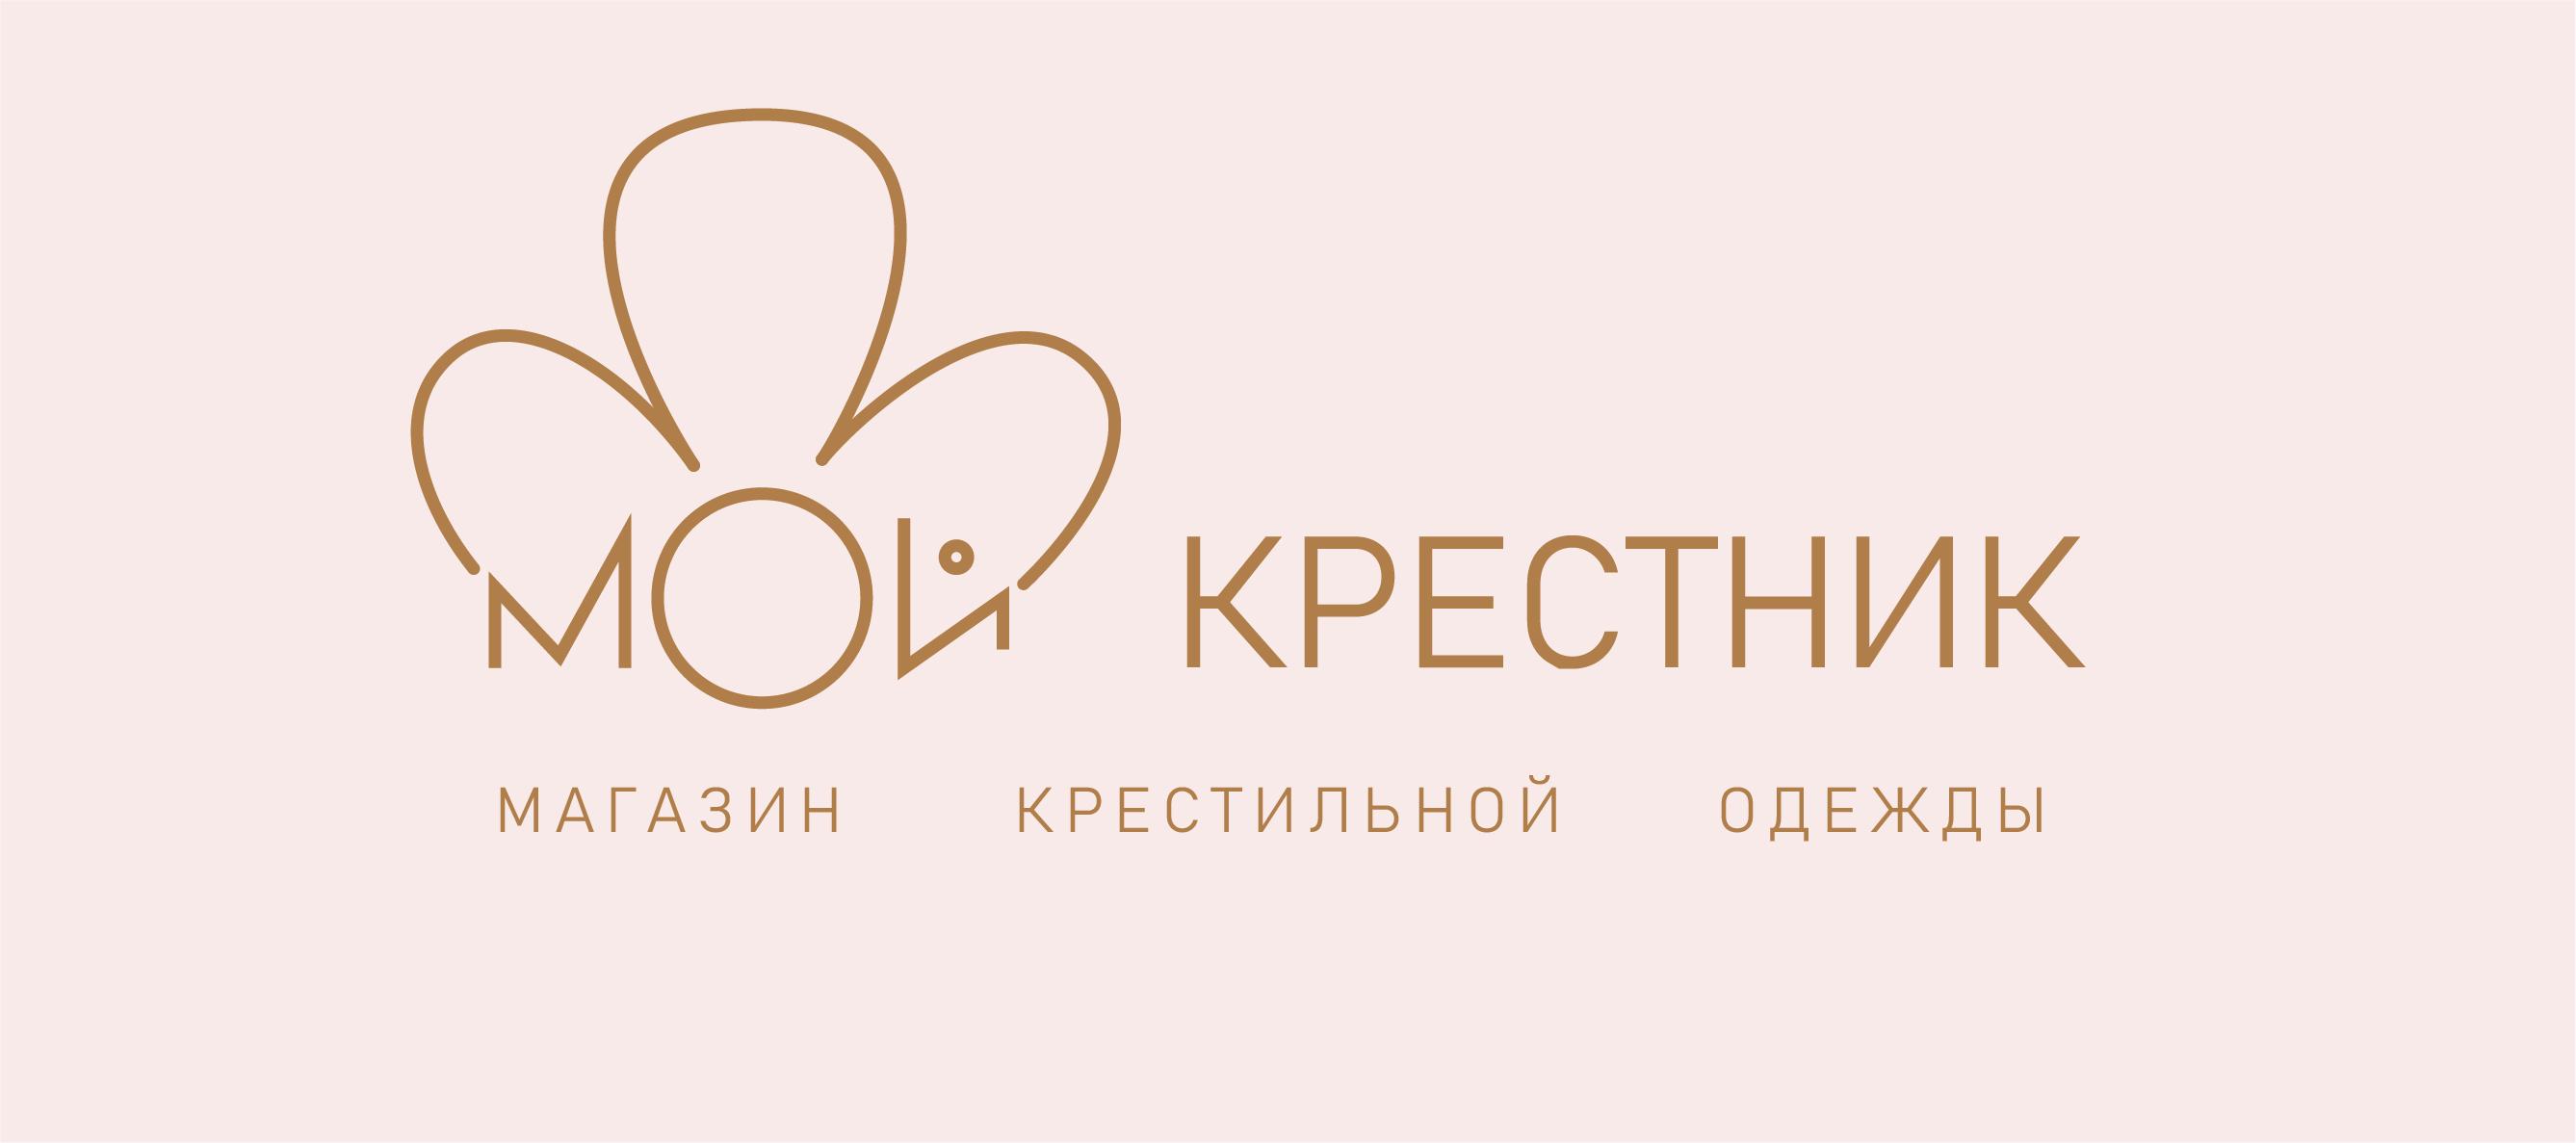 Логотип для крестильной одежды(детской). фото f_8705d4f0035a06ee.jpg